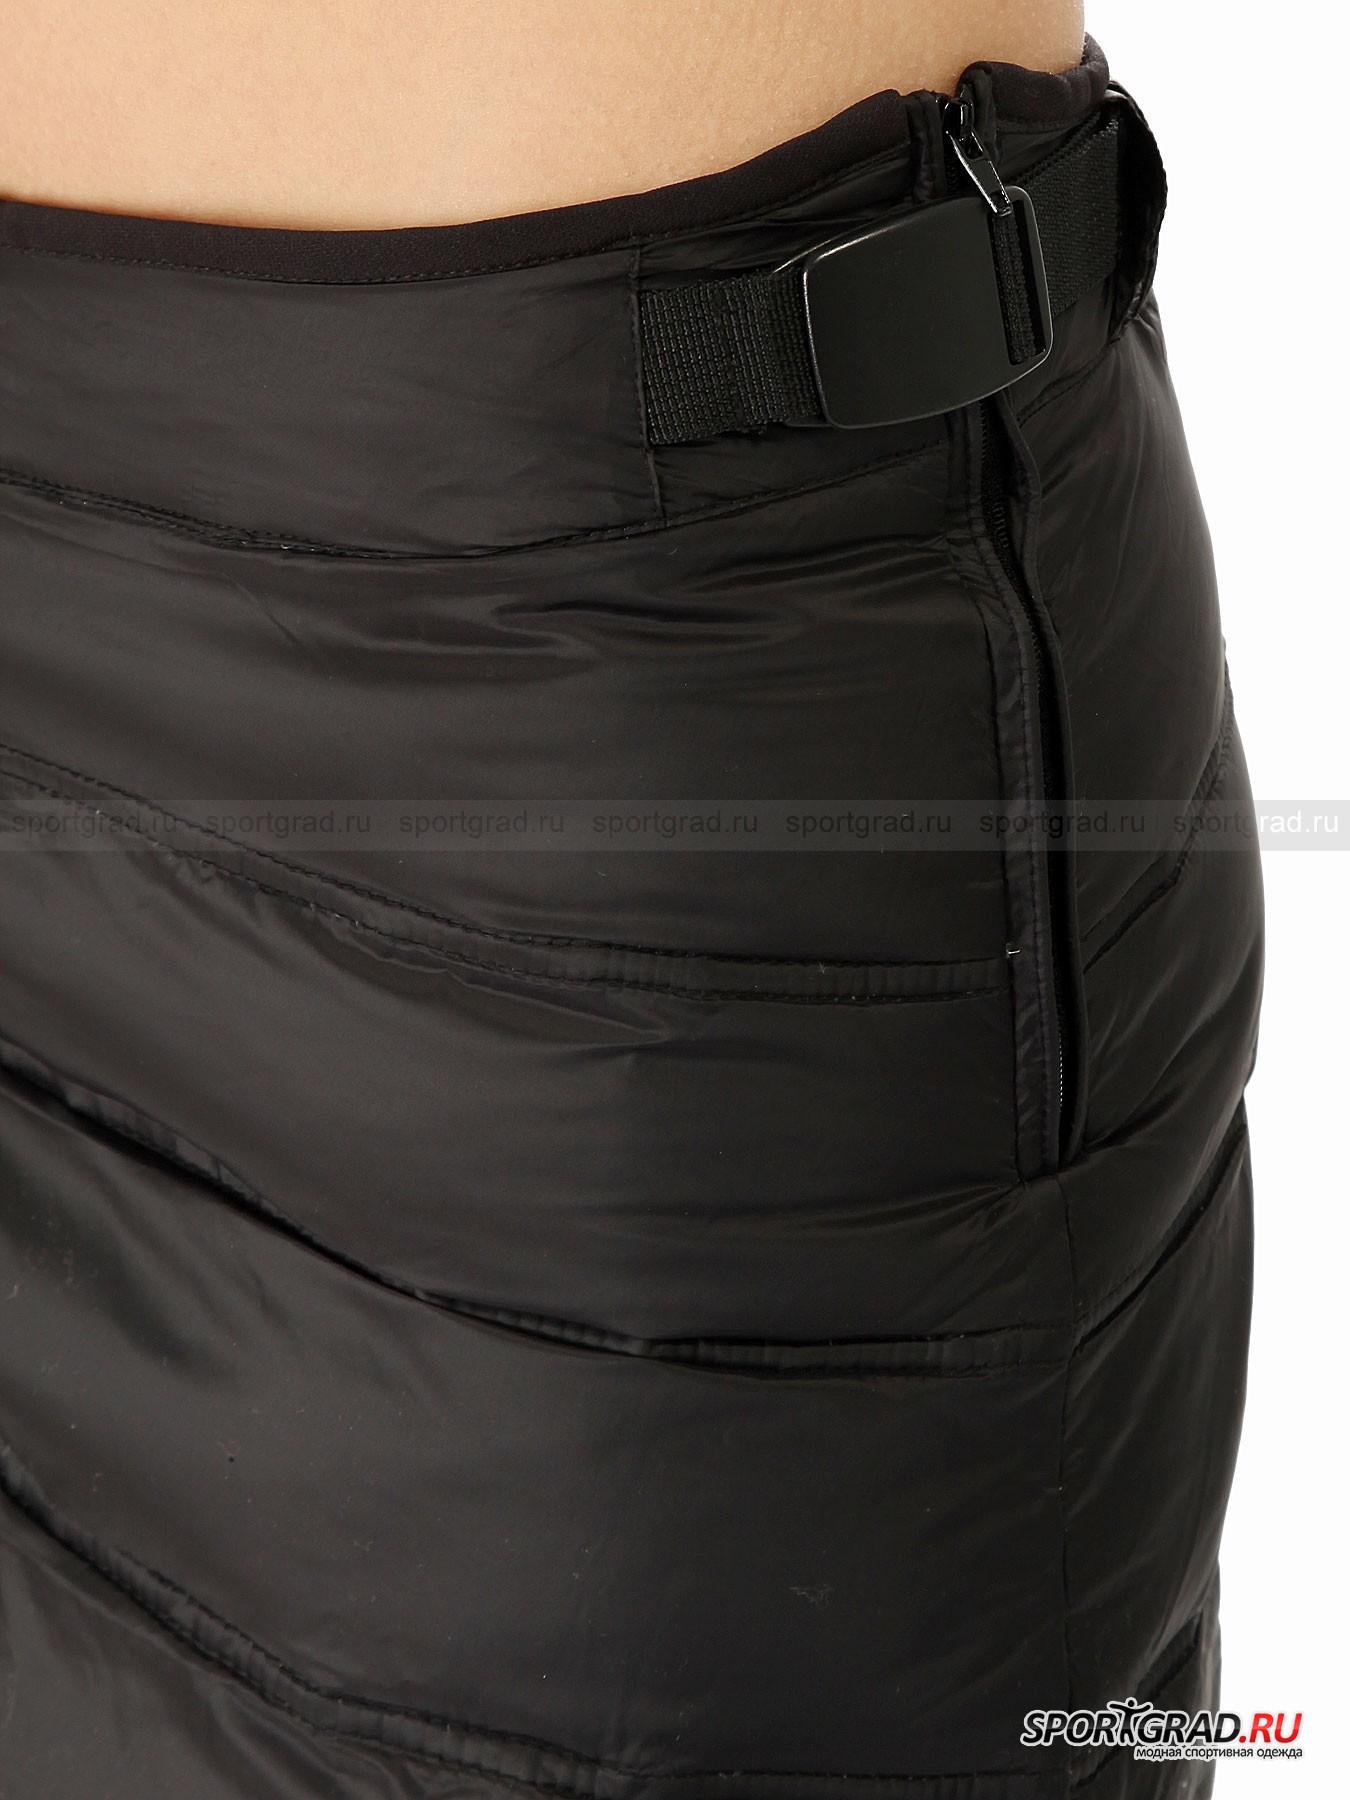 Юбка пуховая Stretch Skirt CMP от Спортград